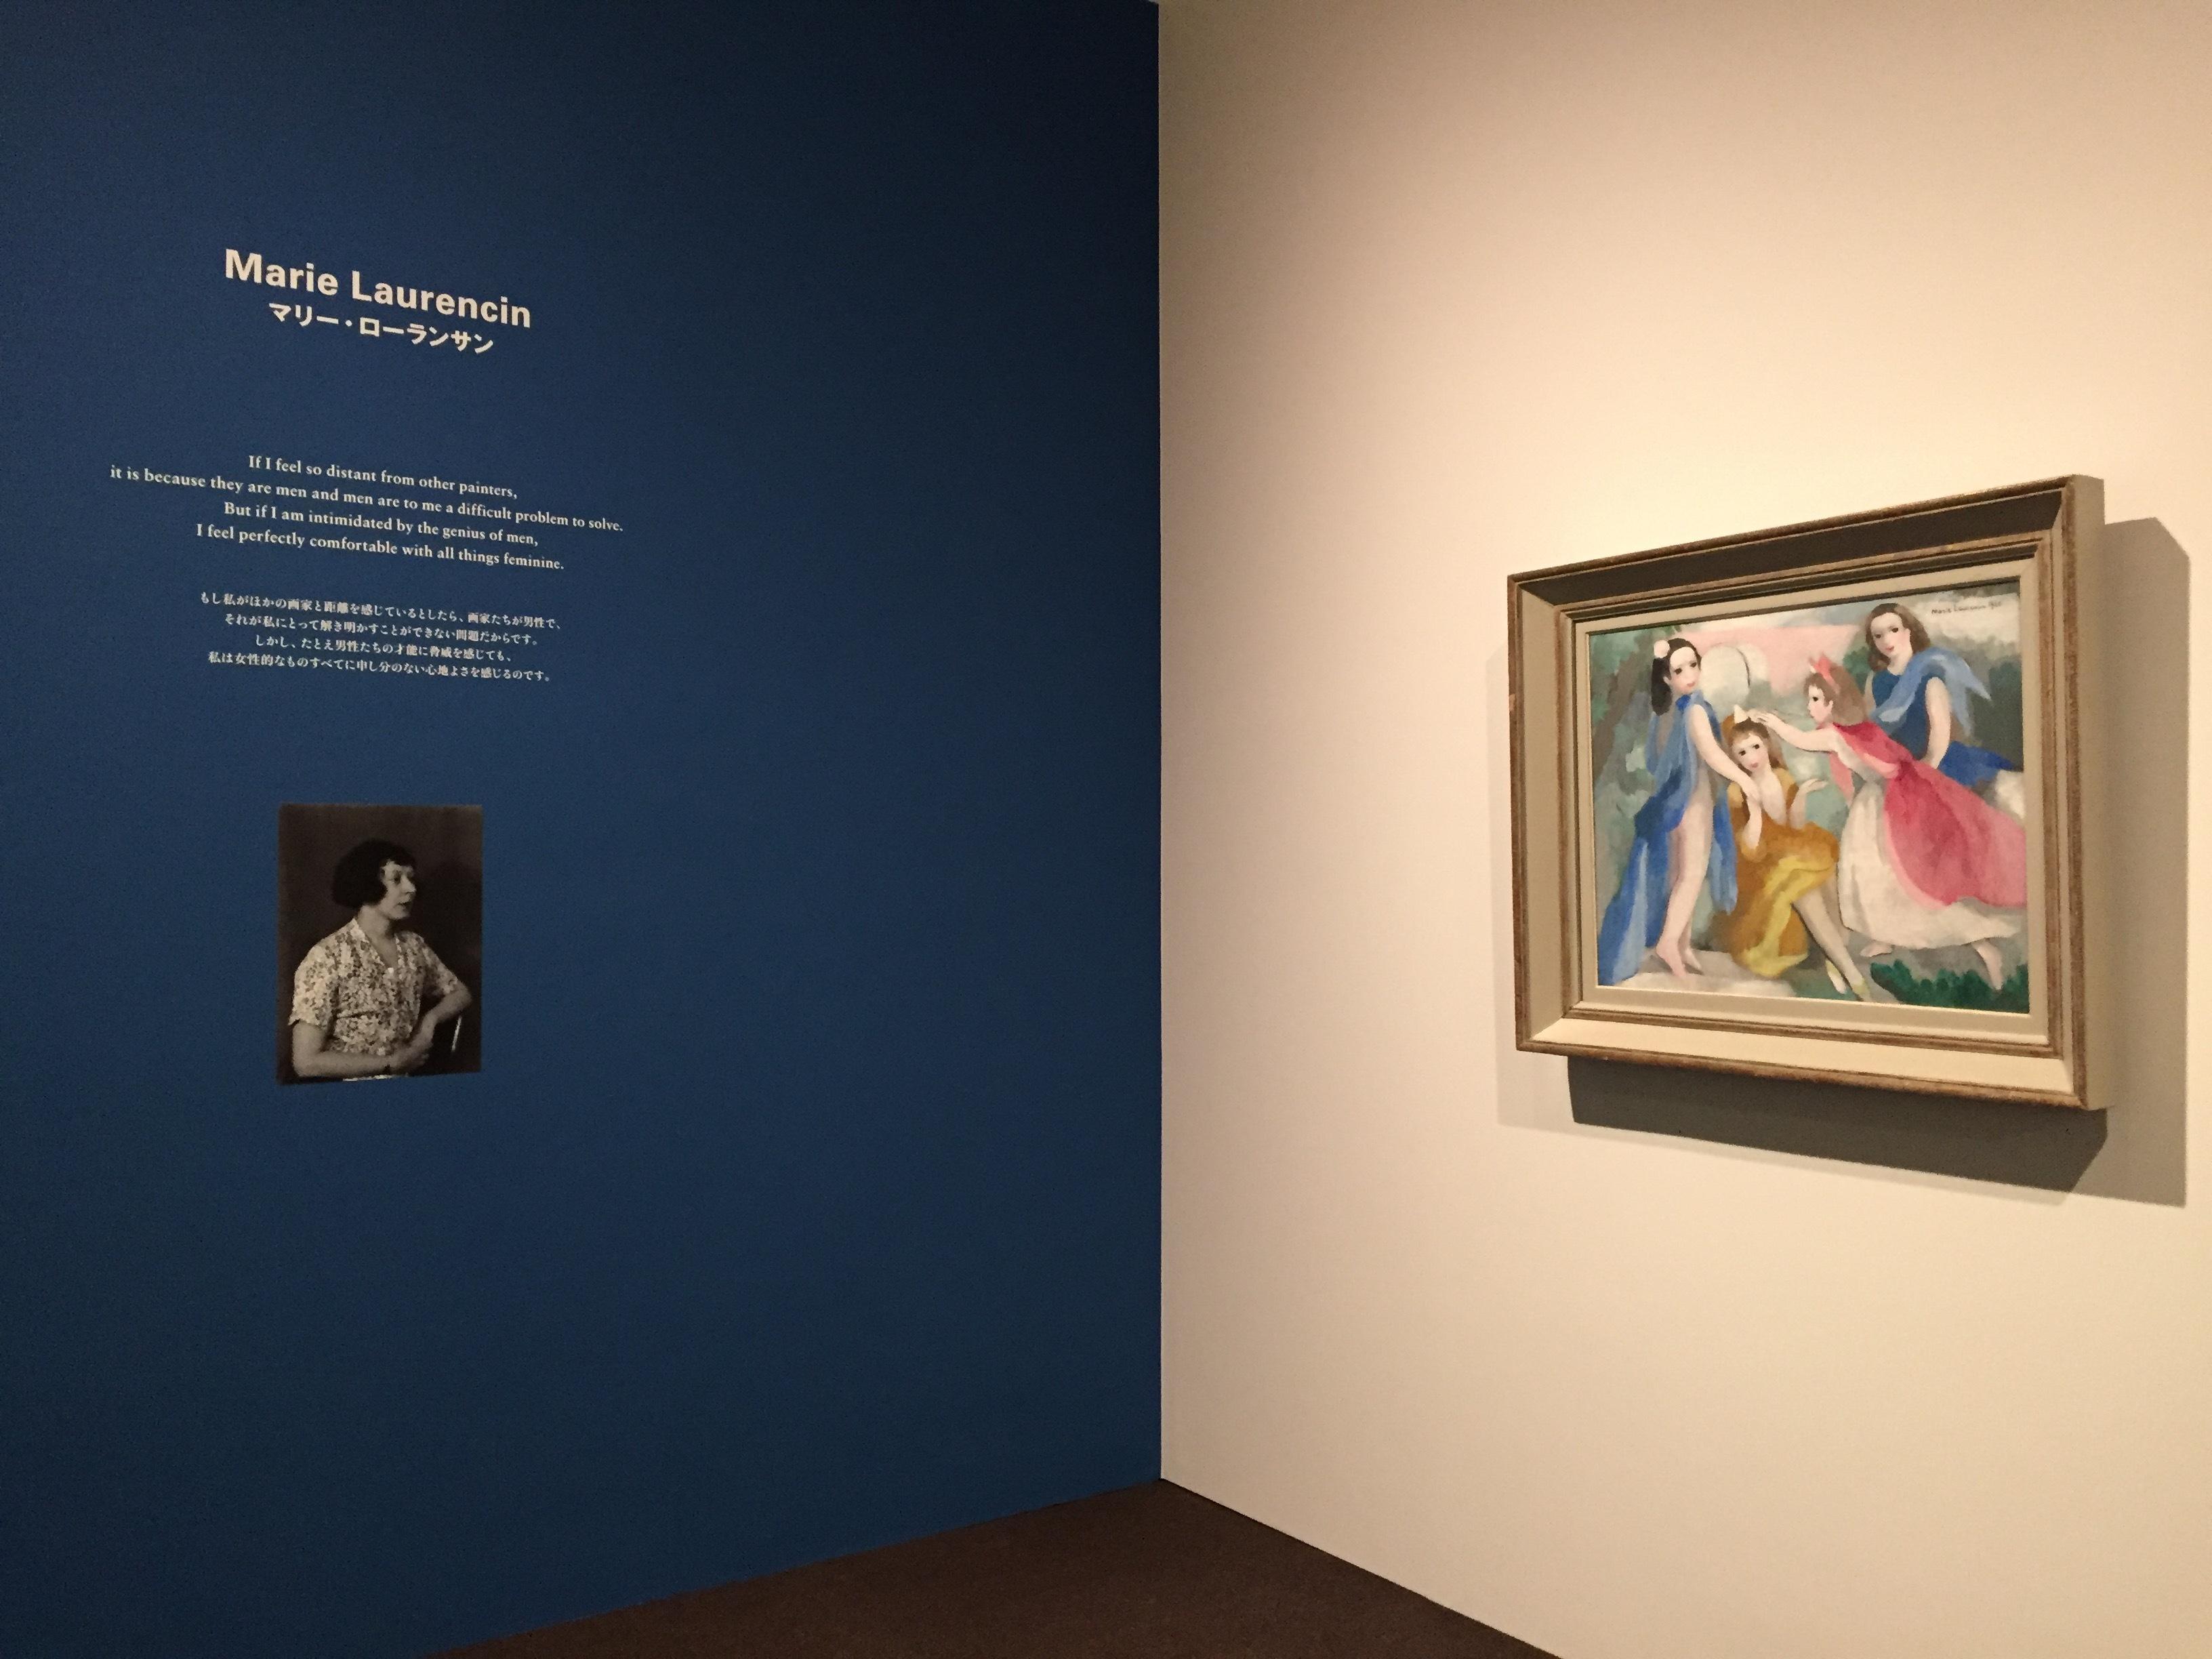 マリー・ローランサン《イル=ド=フランス》1940年 ⓒgirls Artalk